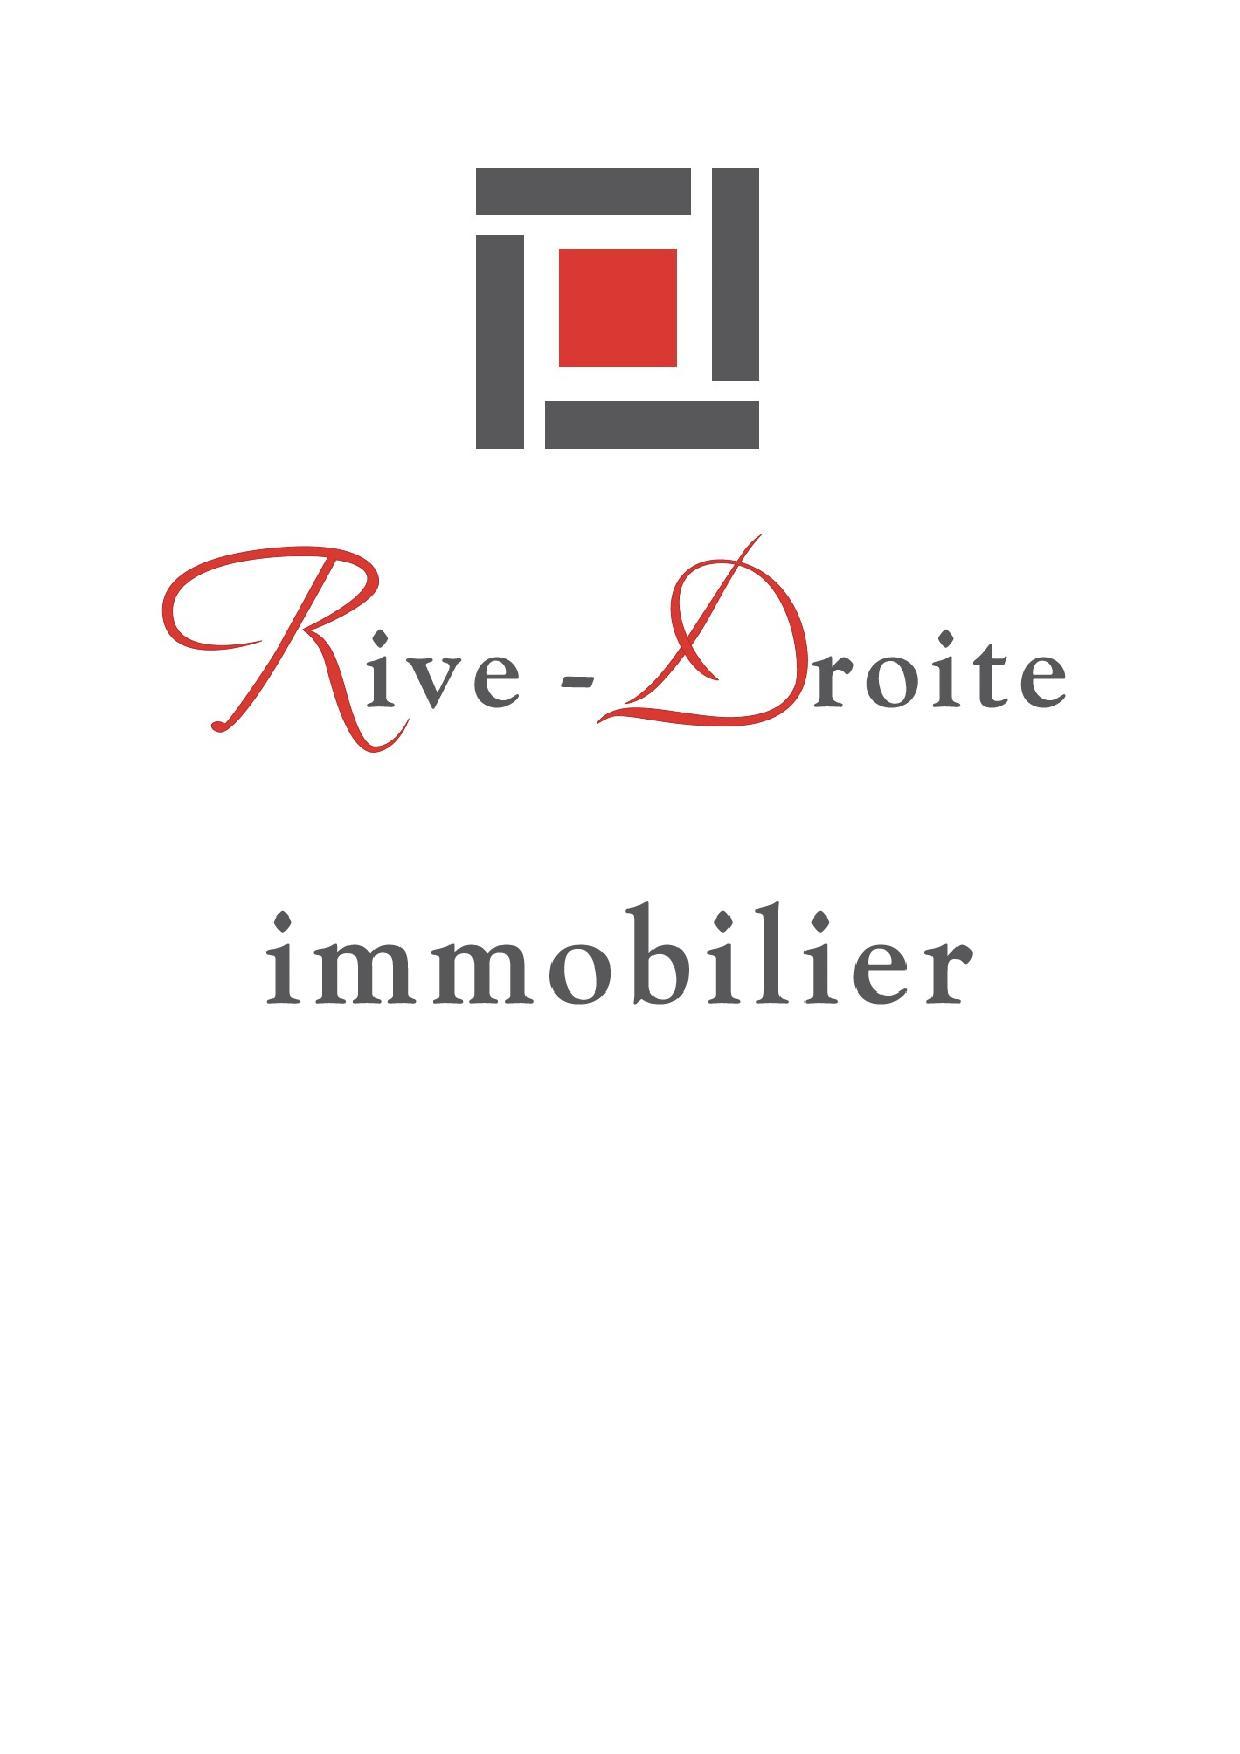 Rive-Droite Immobilier agence immobilière à Le Tourne 33550